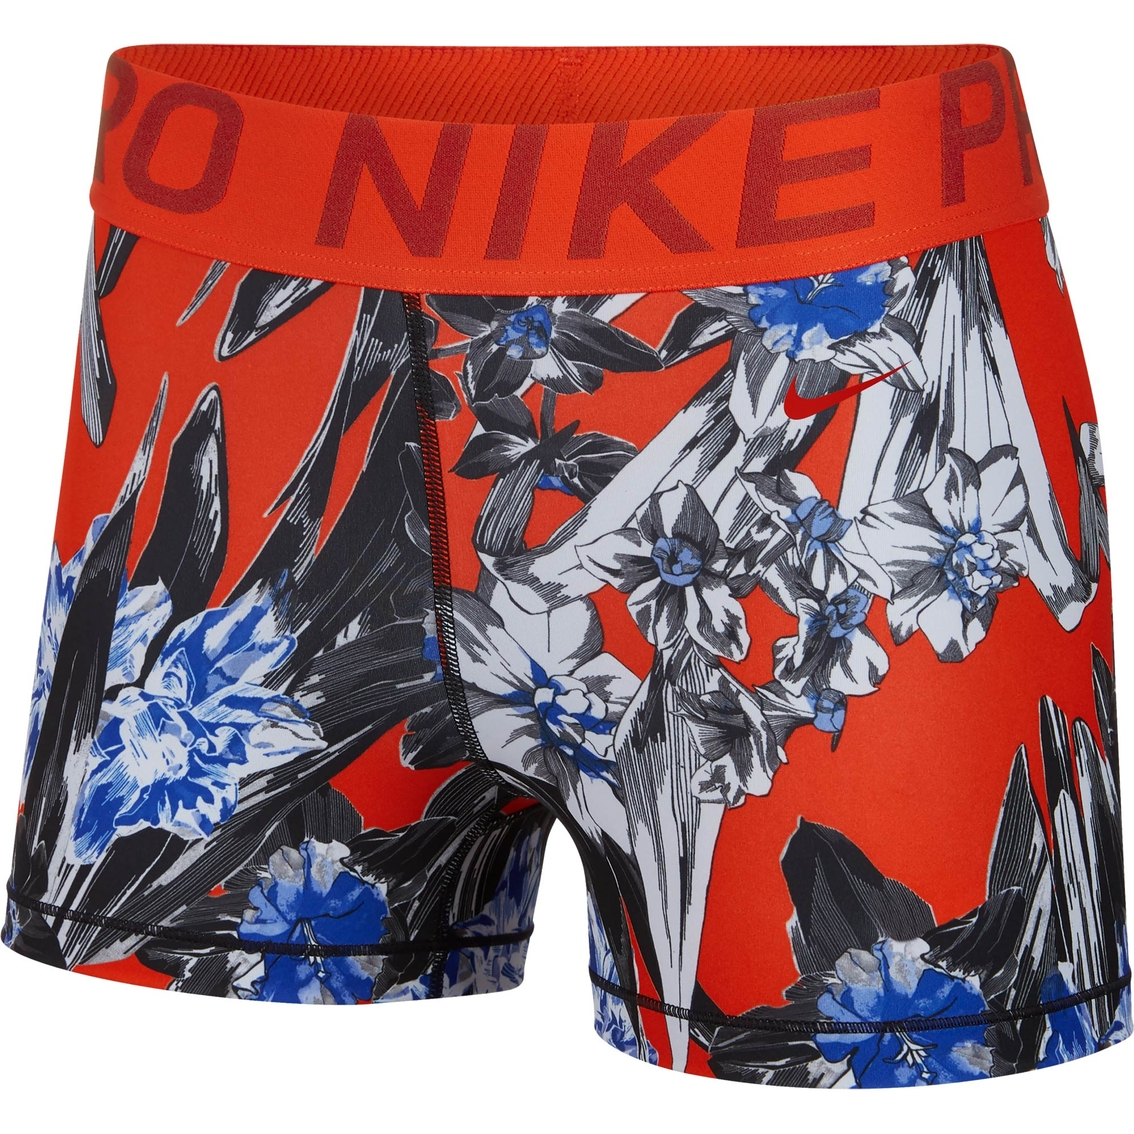 Nike Women's Pro Hyper Femme 3 Inch Shorts